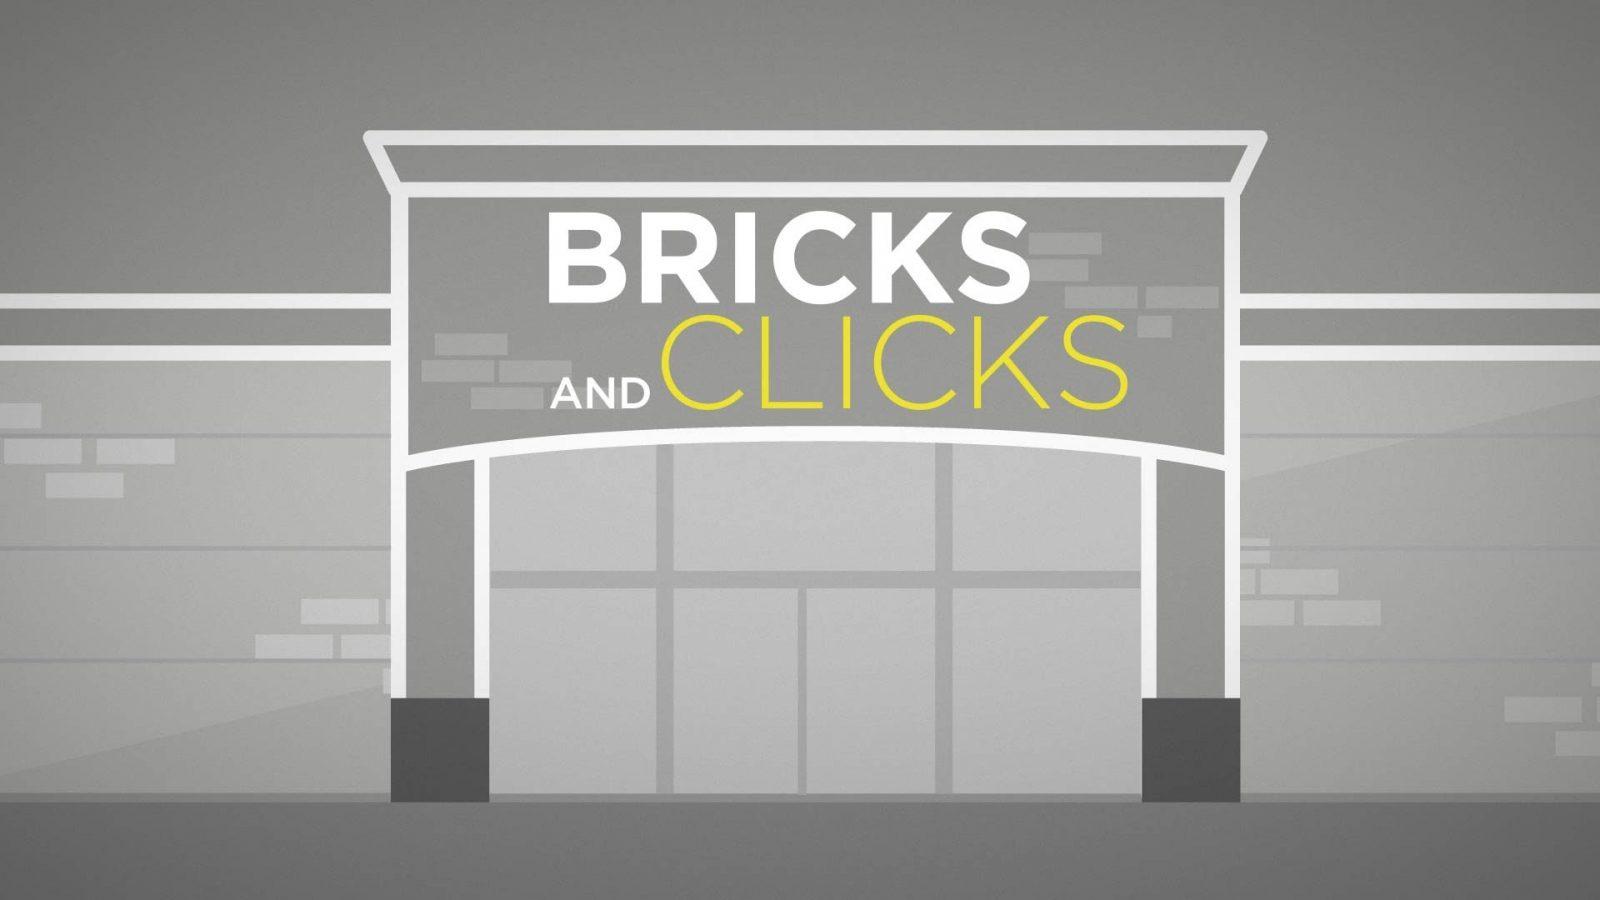 bricks and clicks writinkservices.com